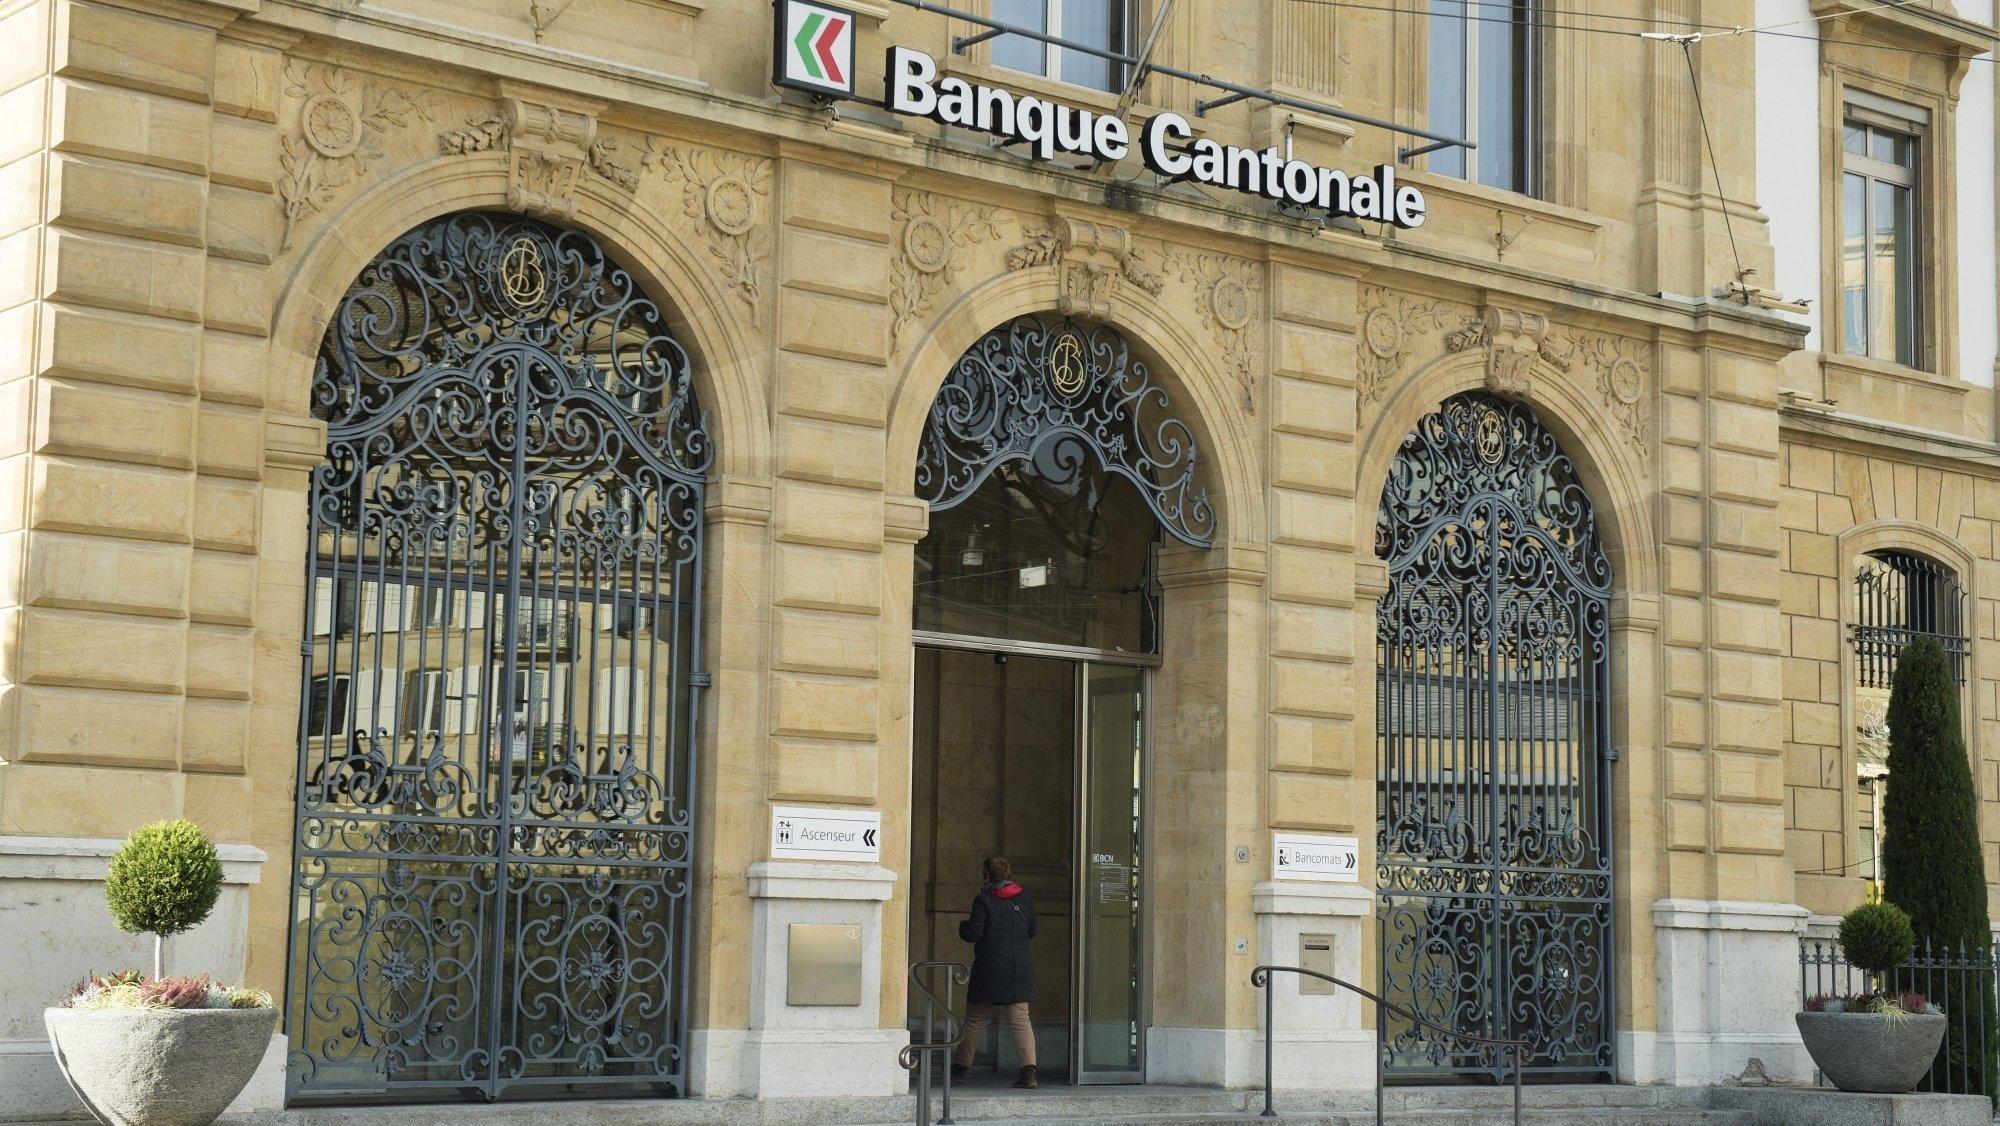 L'établissement bancaire cantonal soutient chaque année de nombreux projets artistiques par le biais de sa Fondation culturelle.